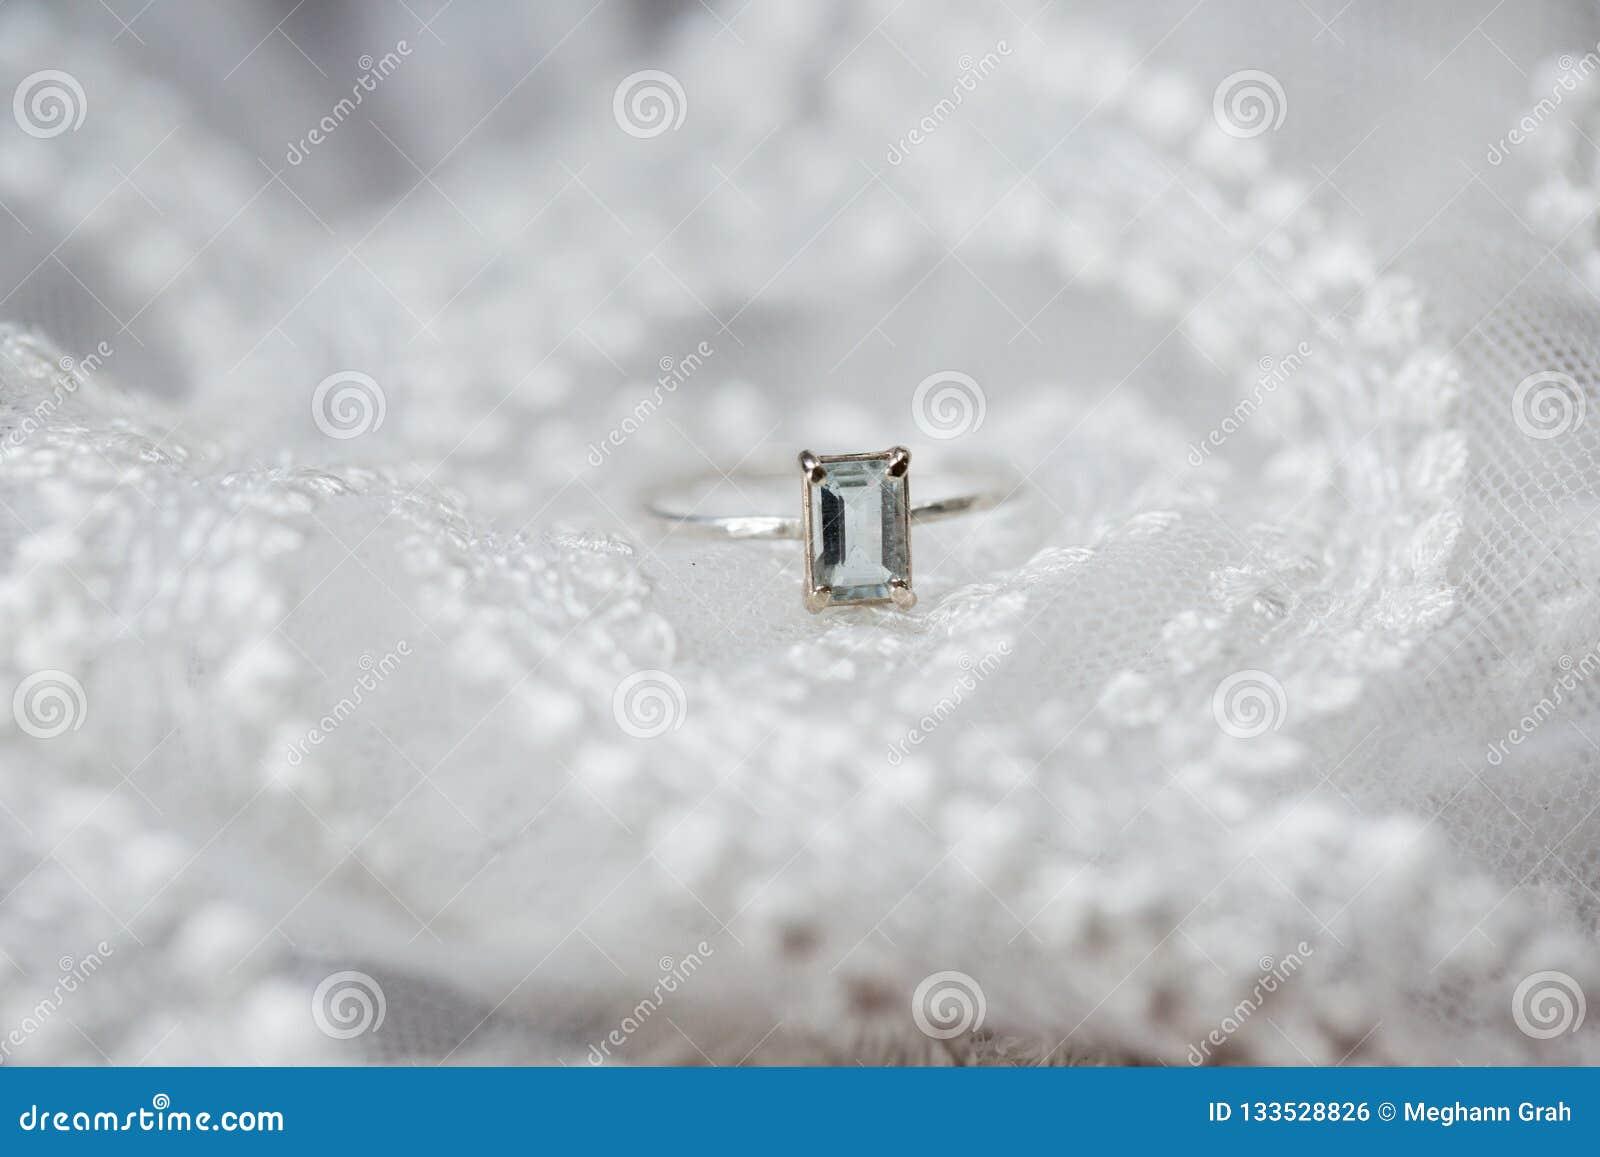 Wedding engagement ring with emerald cut aquamarine gemstone a